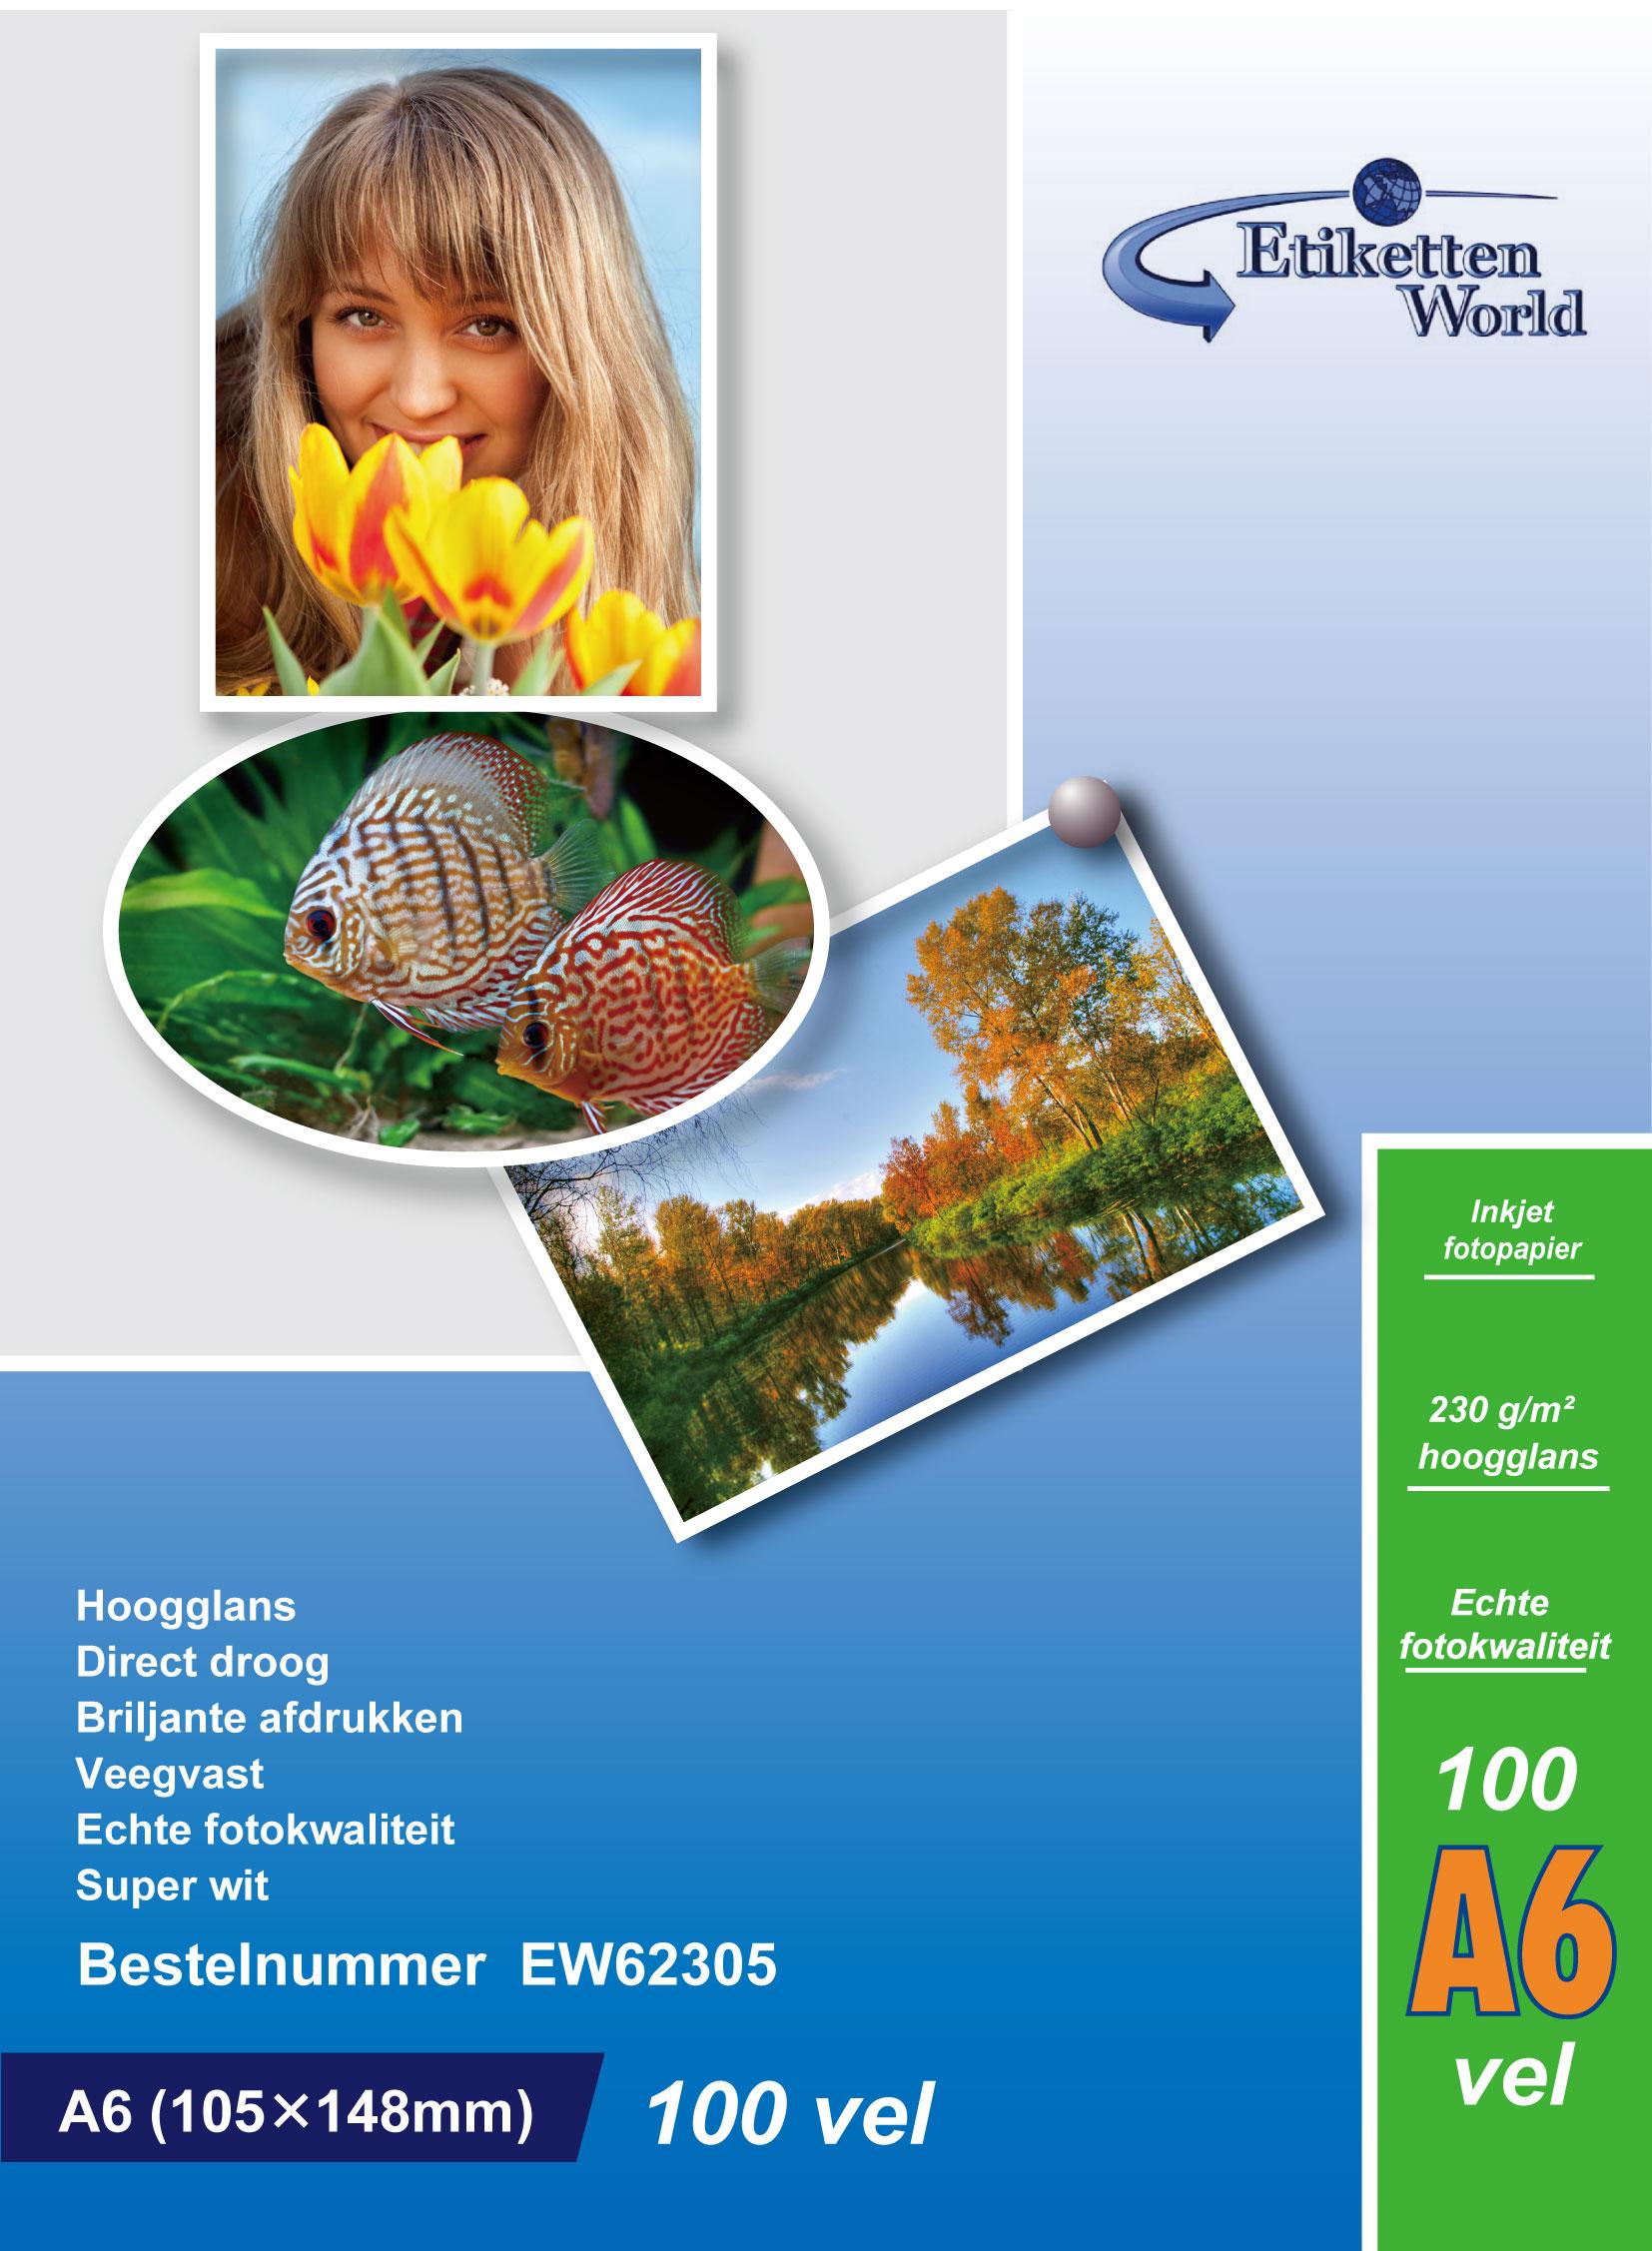 EtikettenWorld BV Fotopapier A6 230g/qm High Glossy und wasserfest